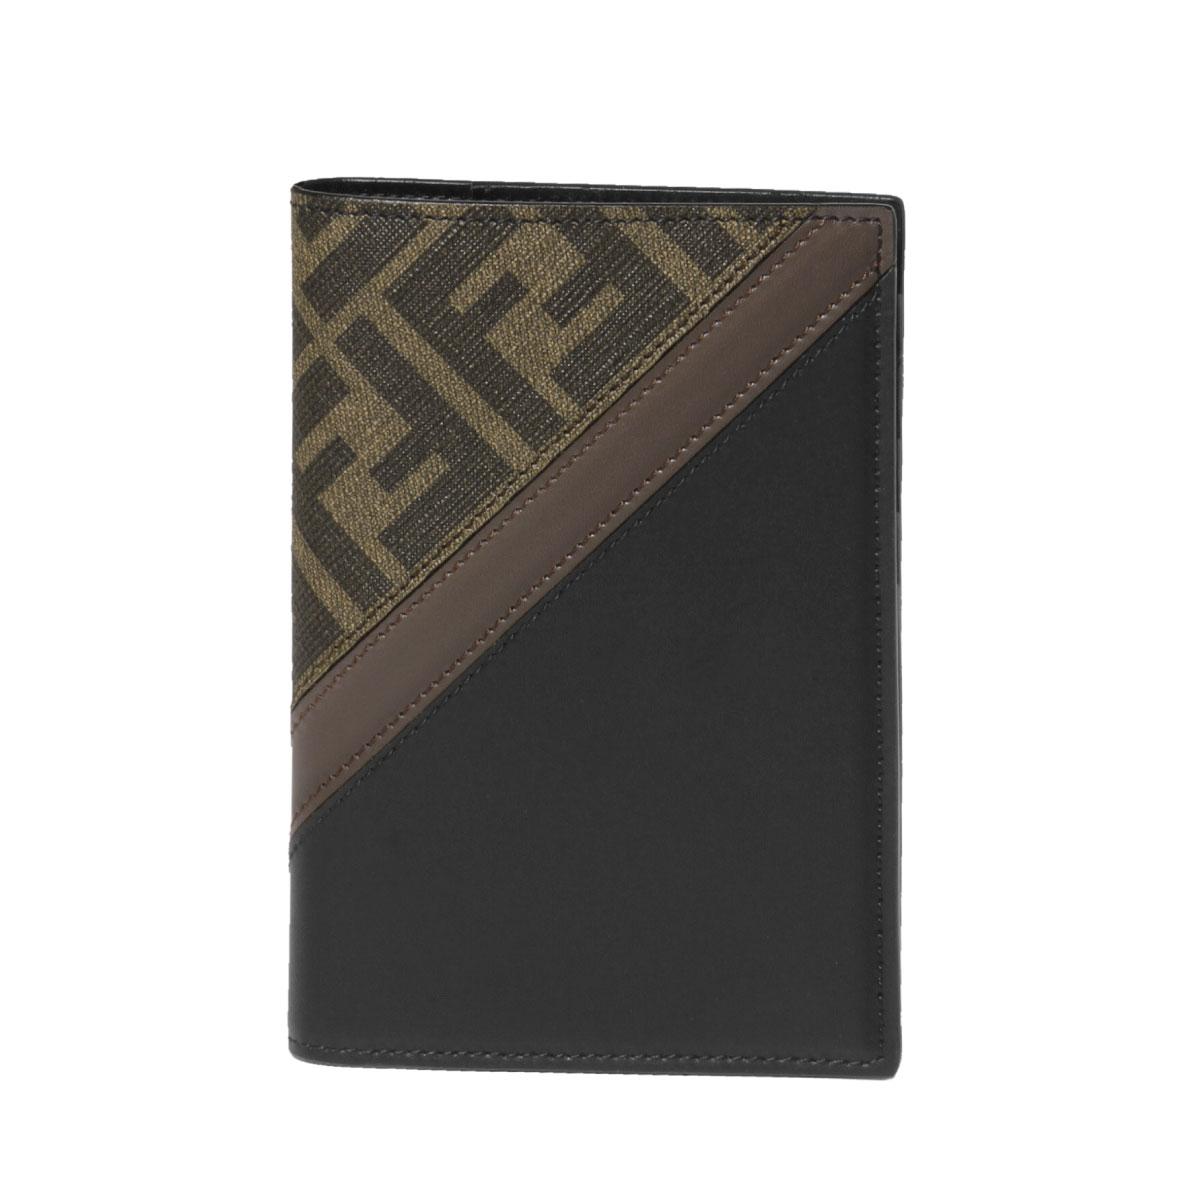 フェンディ FENDI パスポートケース メンズ 7M0282 A9XS F199B TAB+MORES+NR+P ブラウン